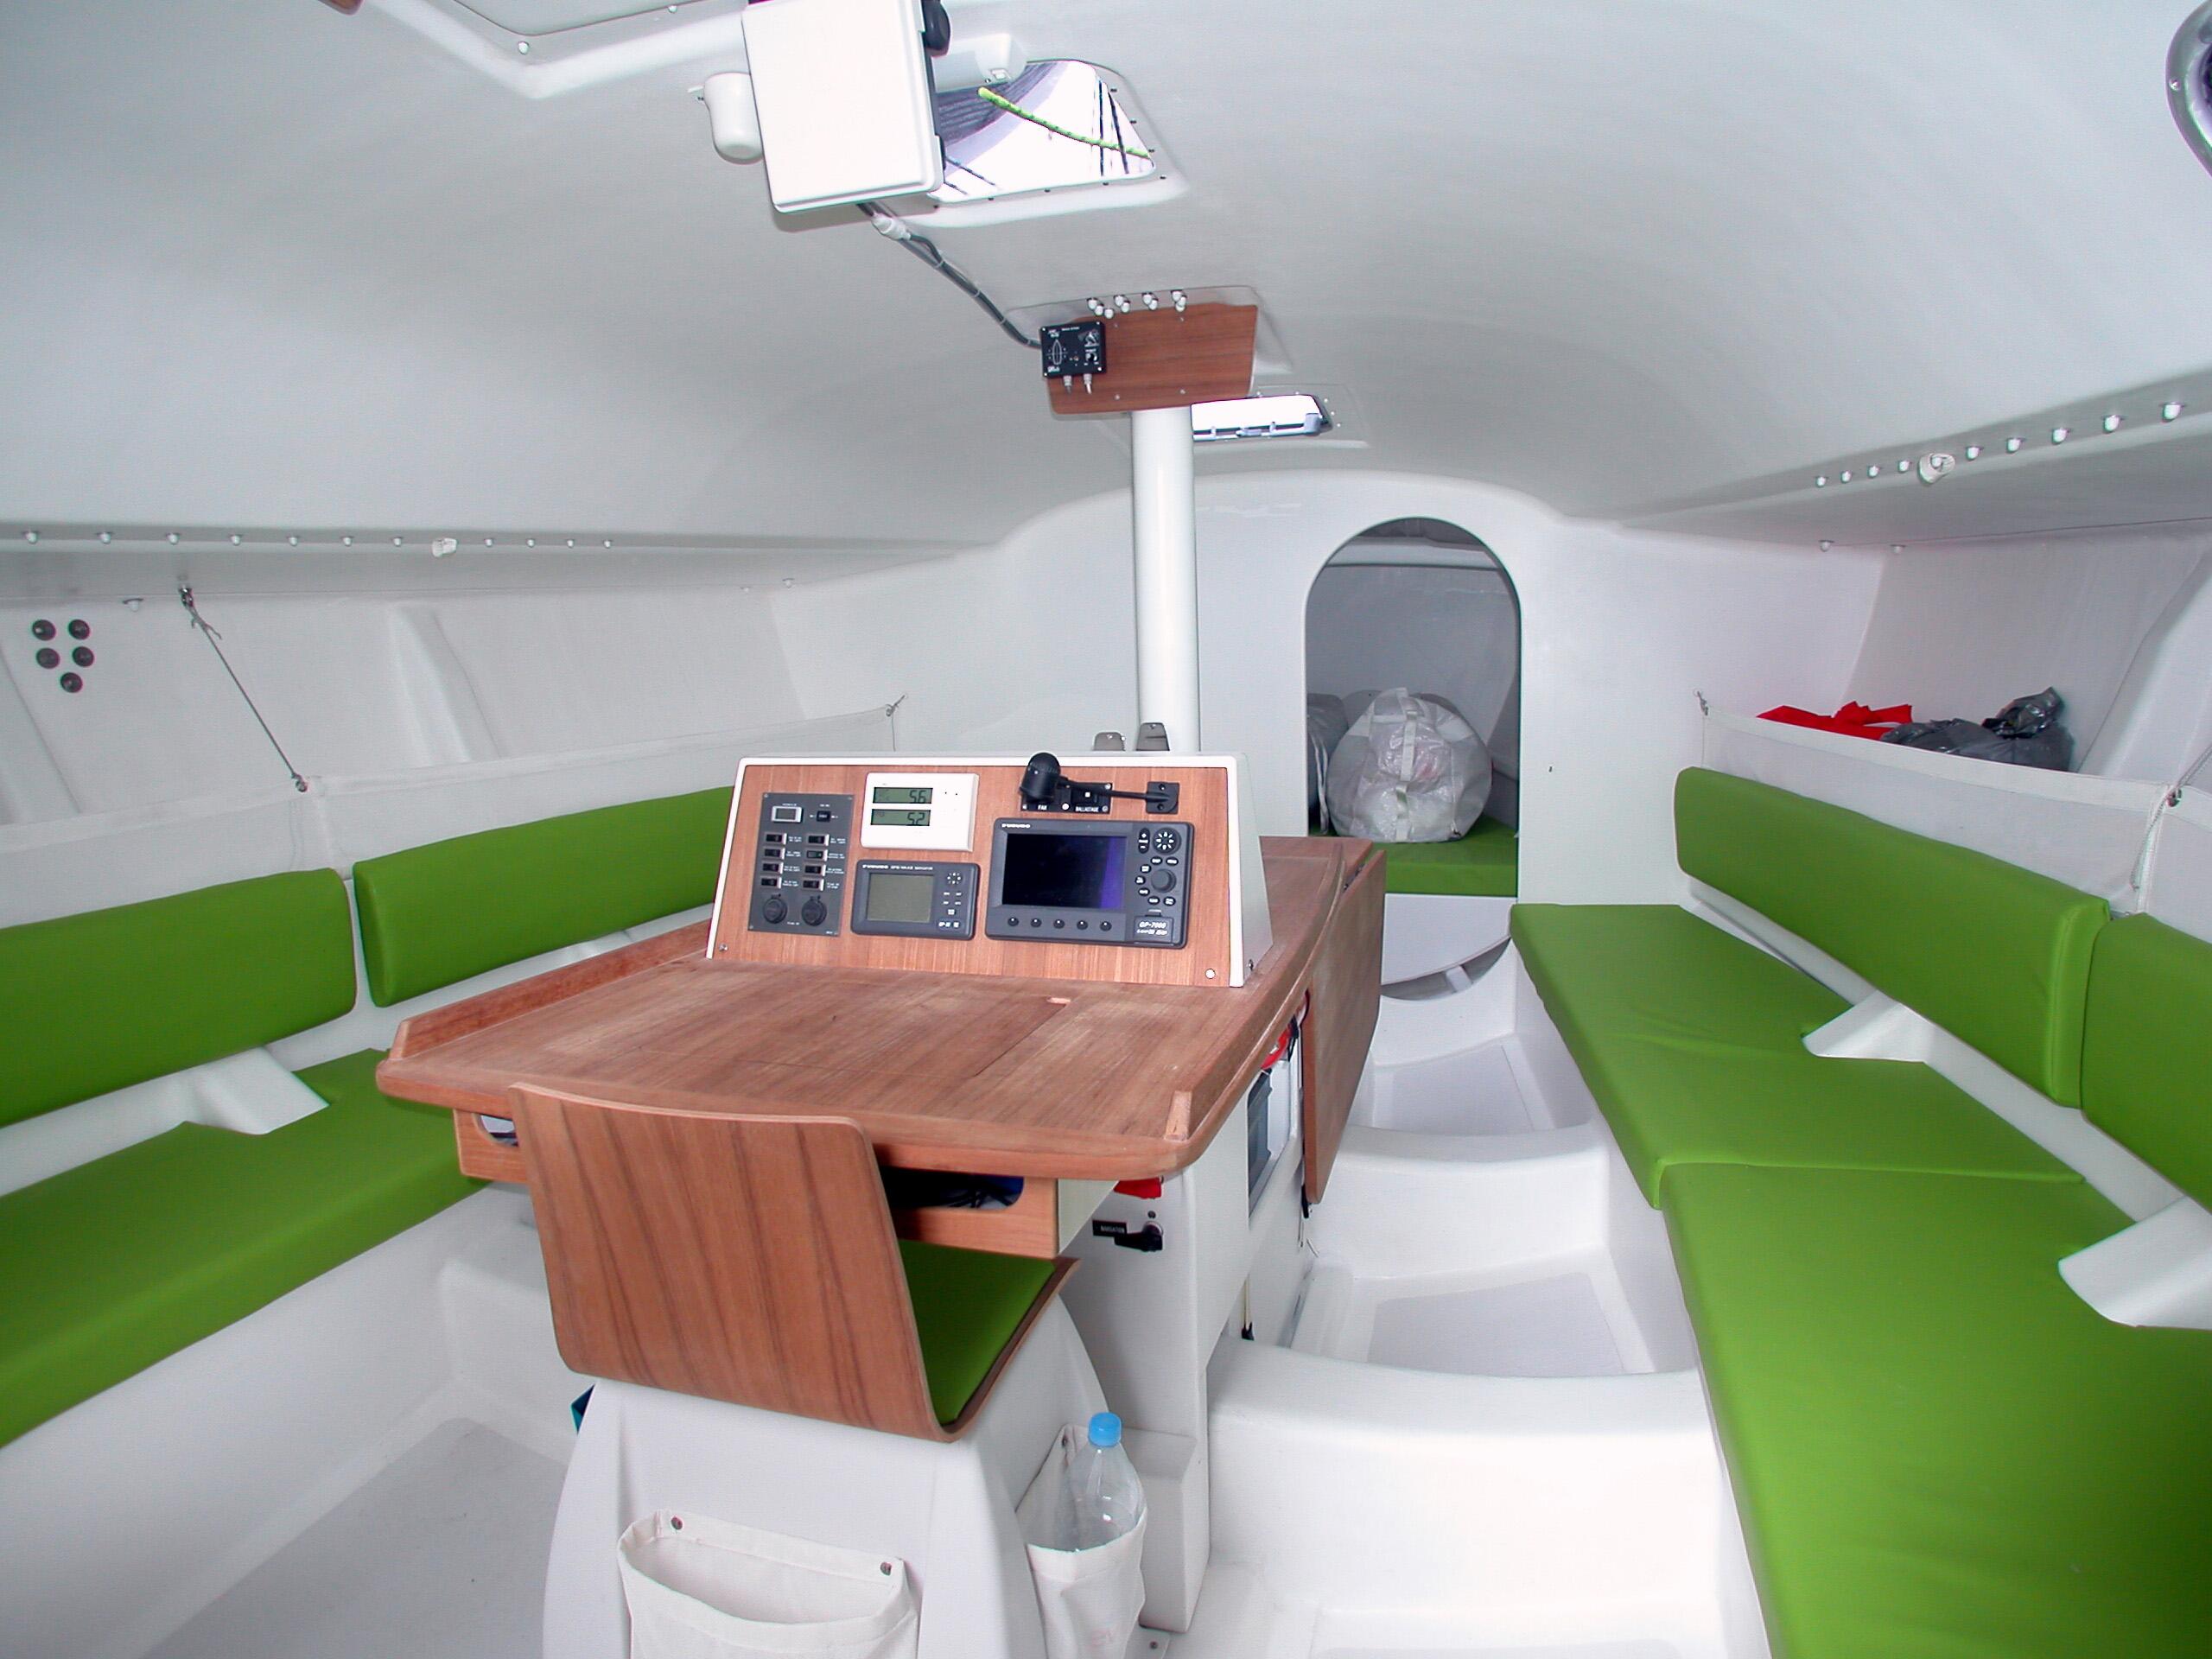 amenagement interieur bateau best sangriamod with amenagement interieur bateau fabulous. Black Bedroom Furniture Sets. Home Design Ideas